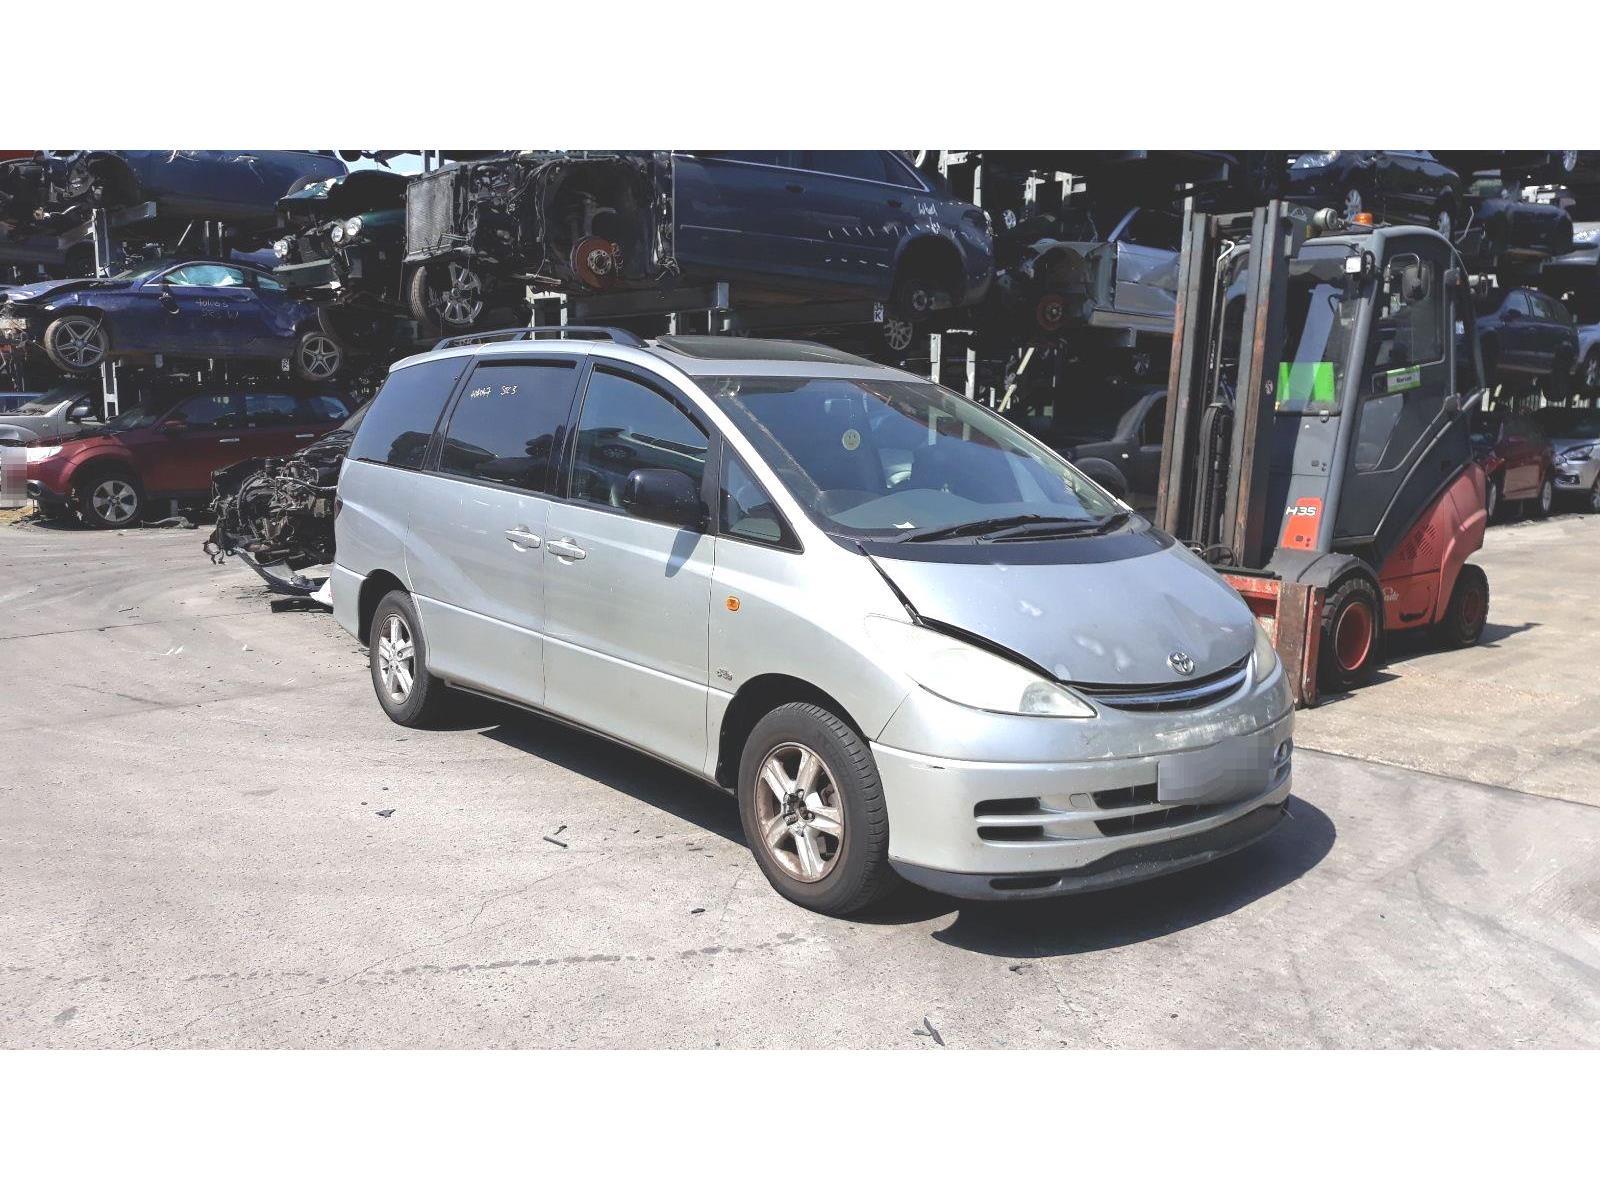 Toyota Previa 2001 To 2006 Cdx Mpv Scrap Salvage Car For Sale Estima Fuse Box Location Auction Silverlake Autoparts